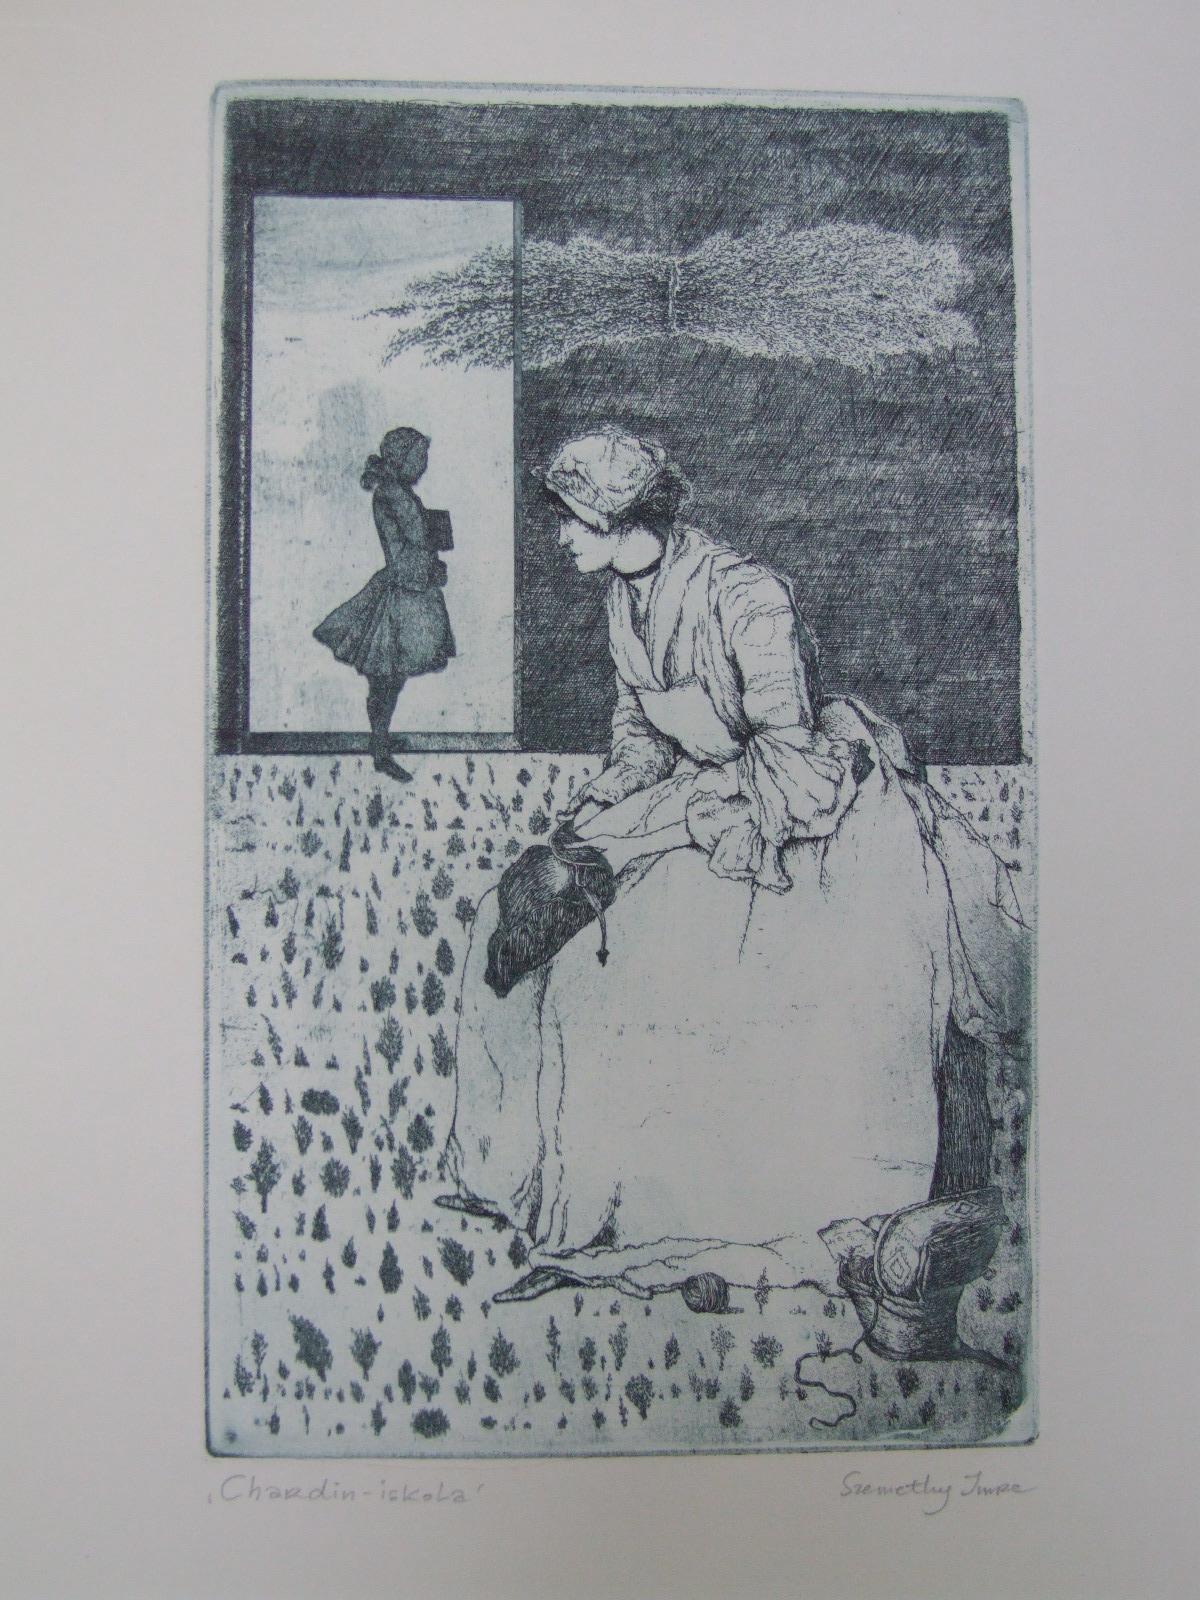 Szemethy,  Imre: Chardin-Schule